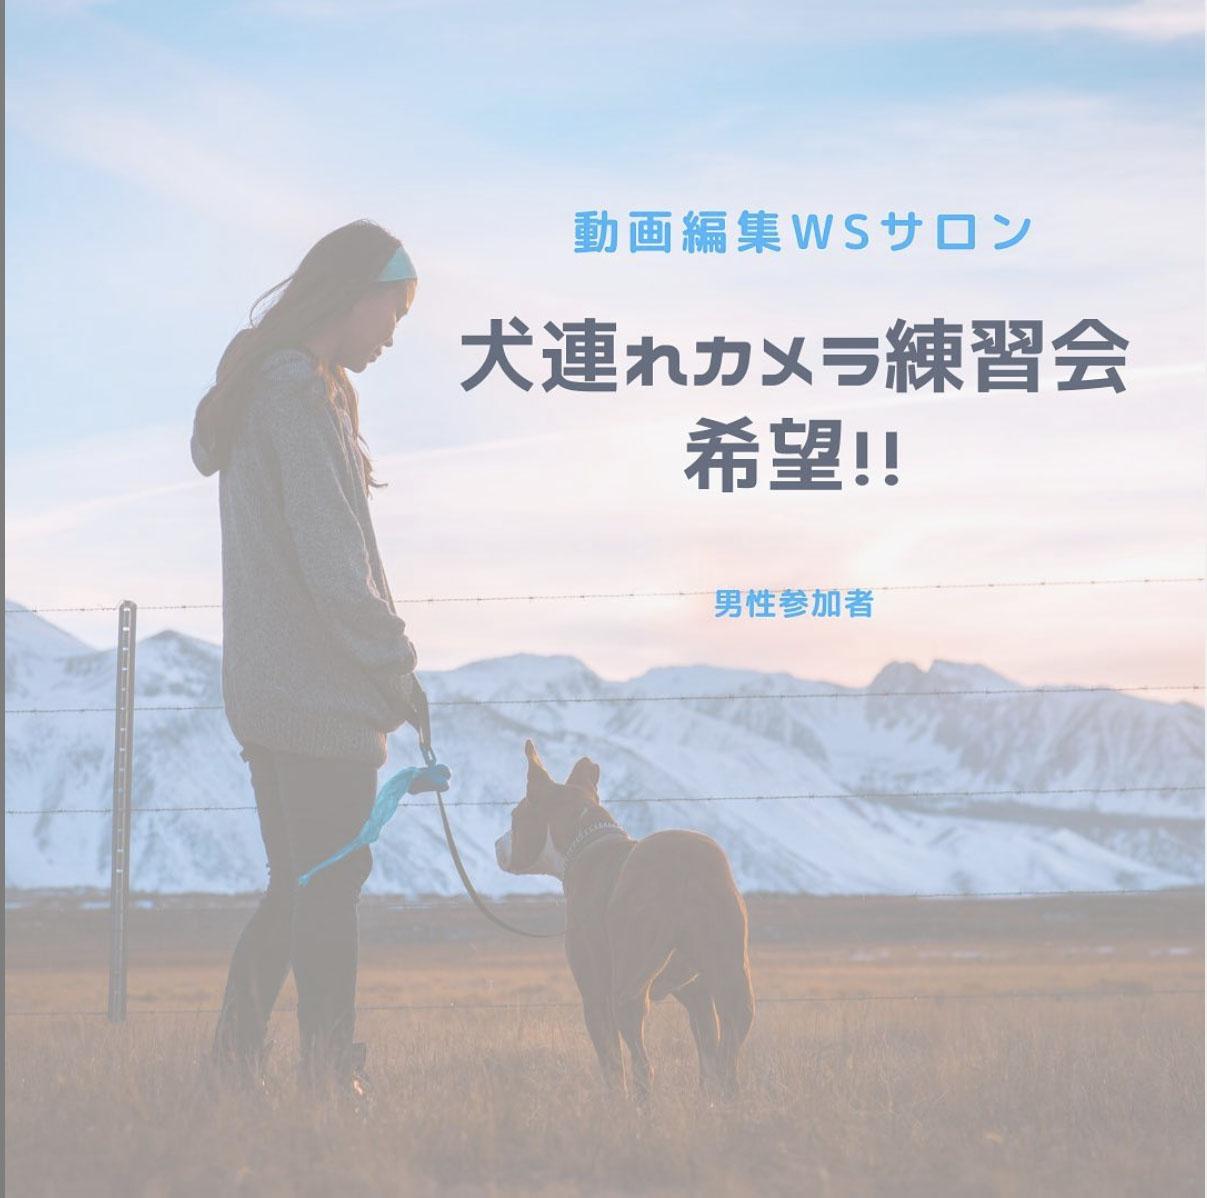 動画編集ワークショップサロン